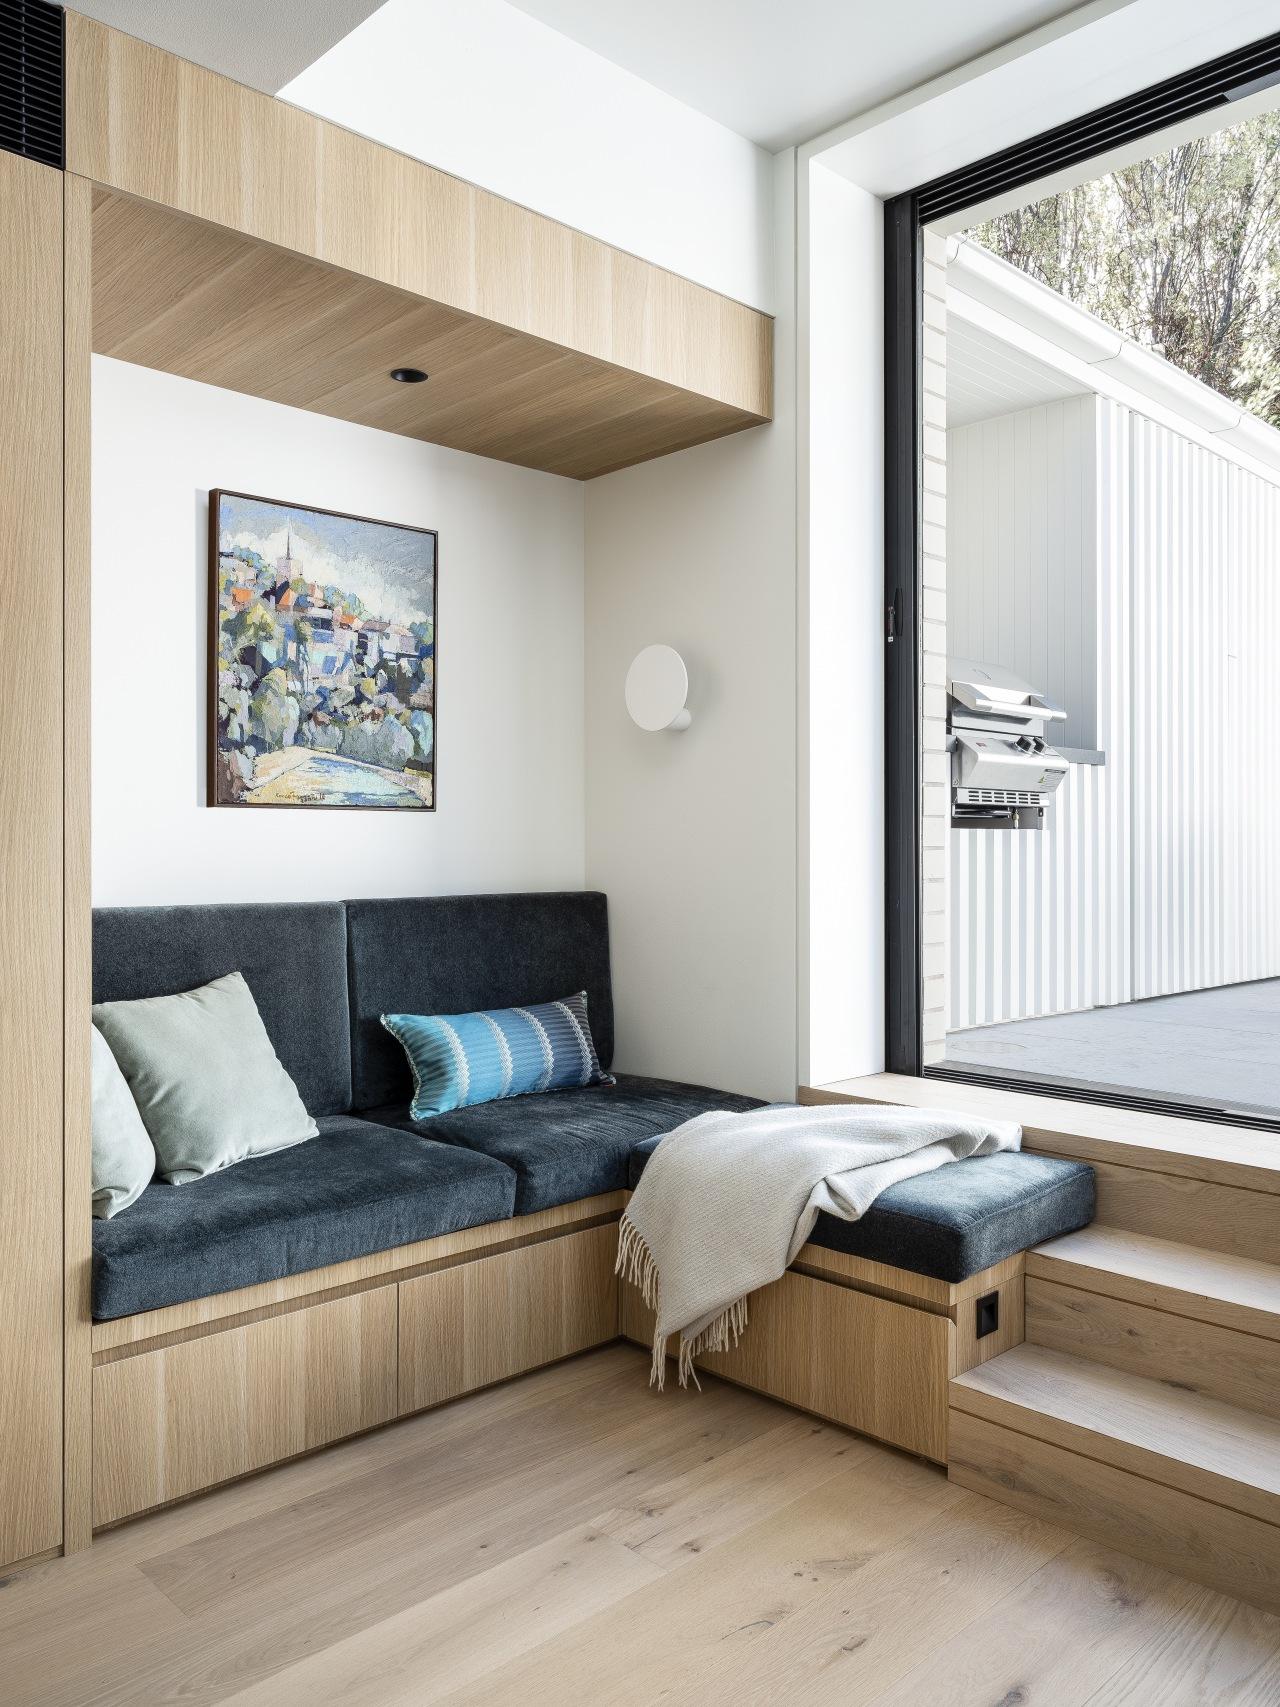 A comfy corner reading nook bathed in natural